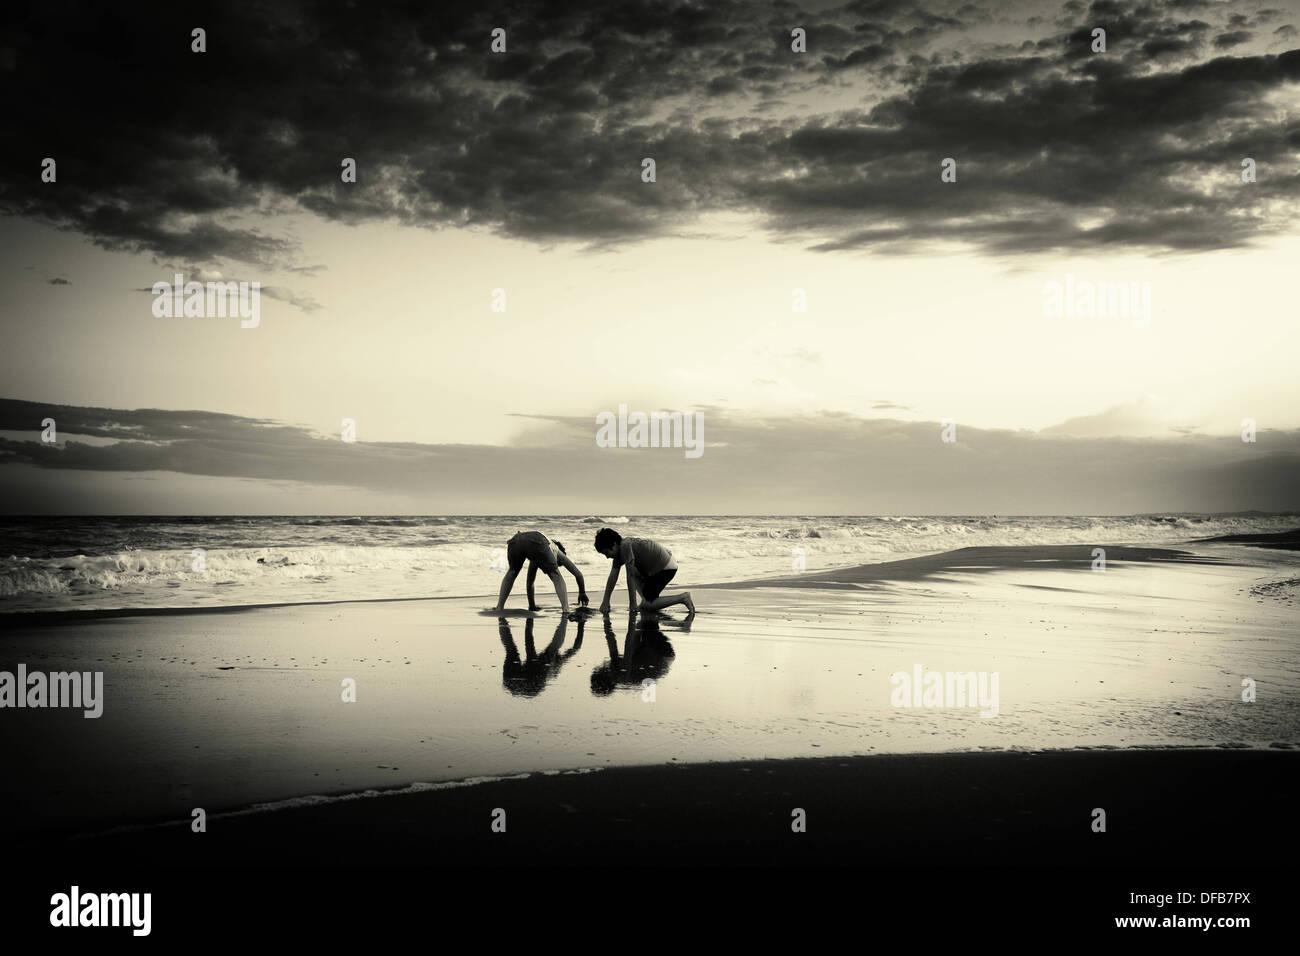 Niños jugando en la playa Imagen De Stock